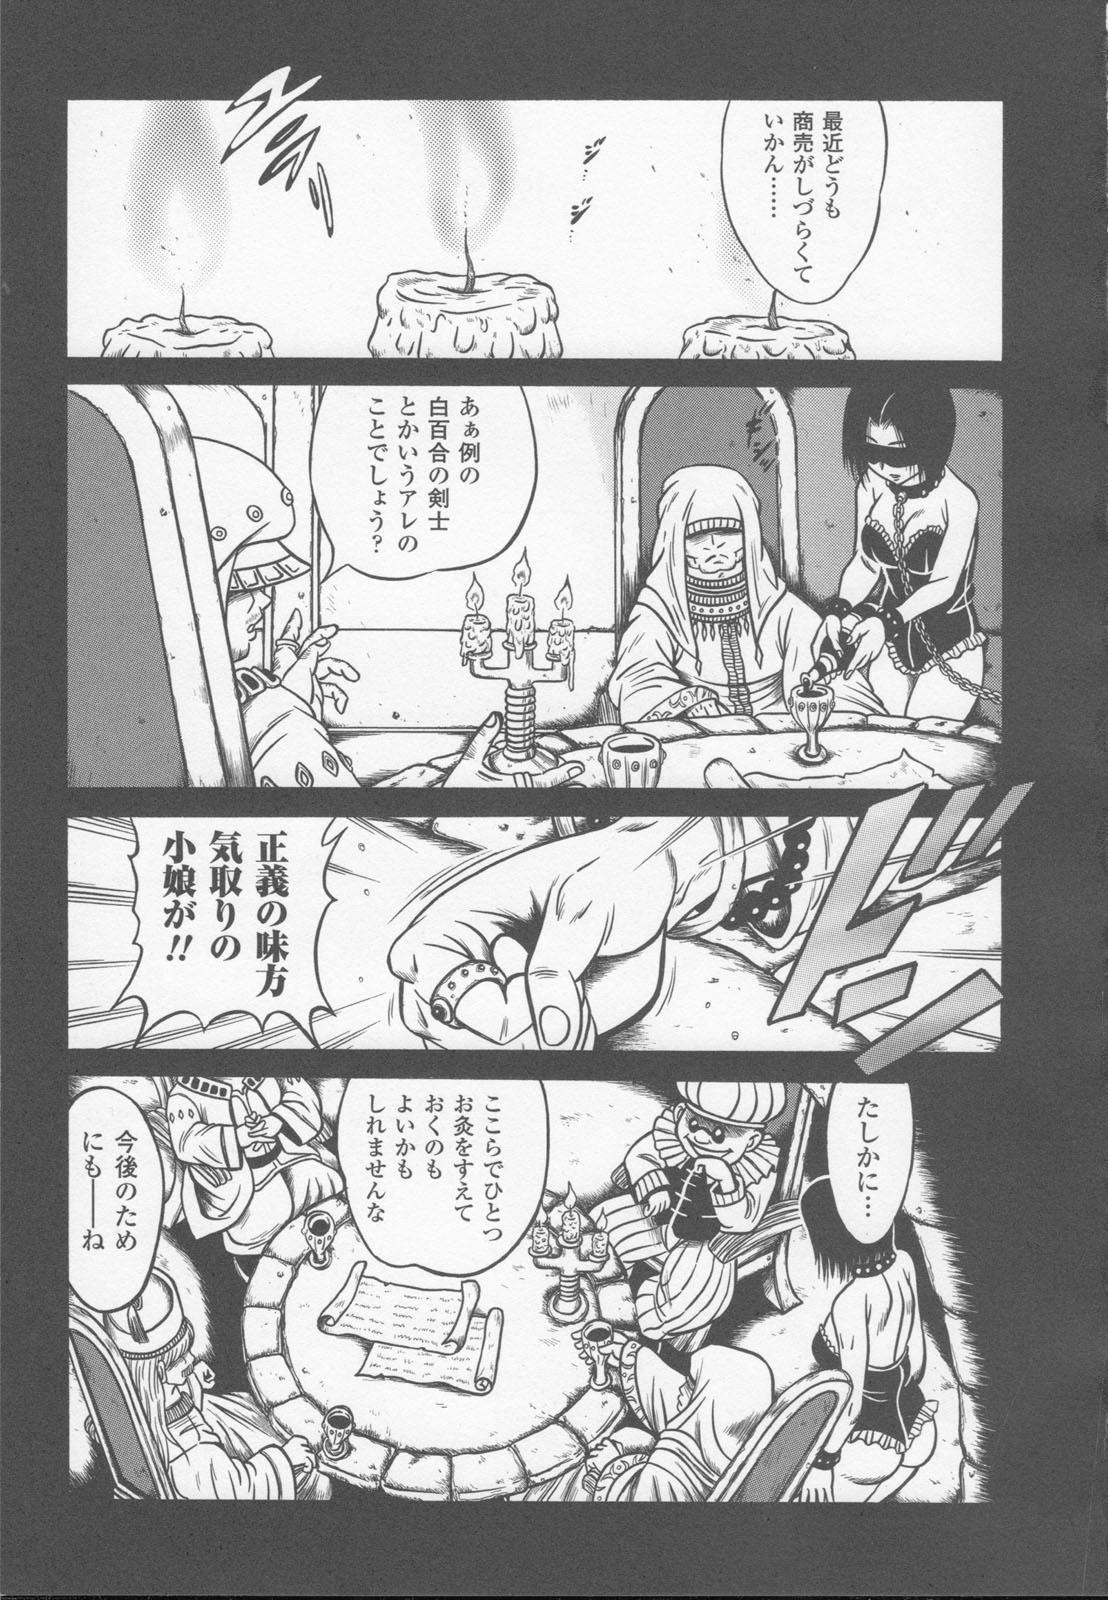 Shirayuri no Kenshi Anthology Comics 62